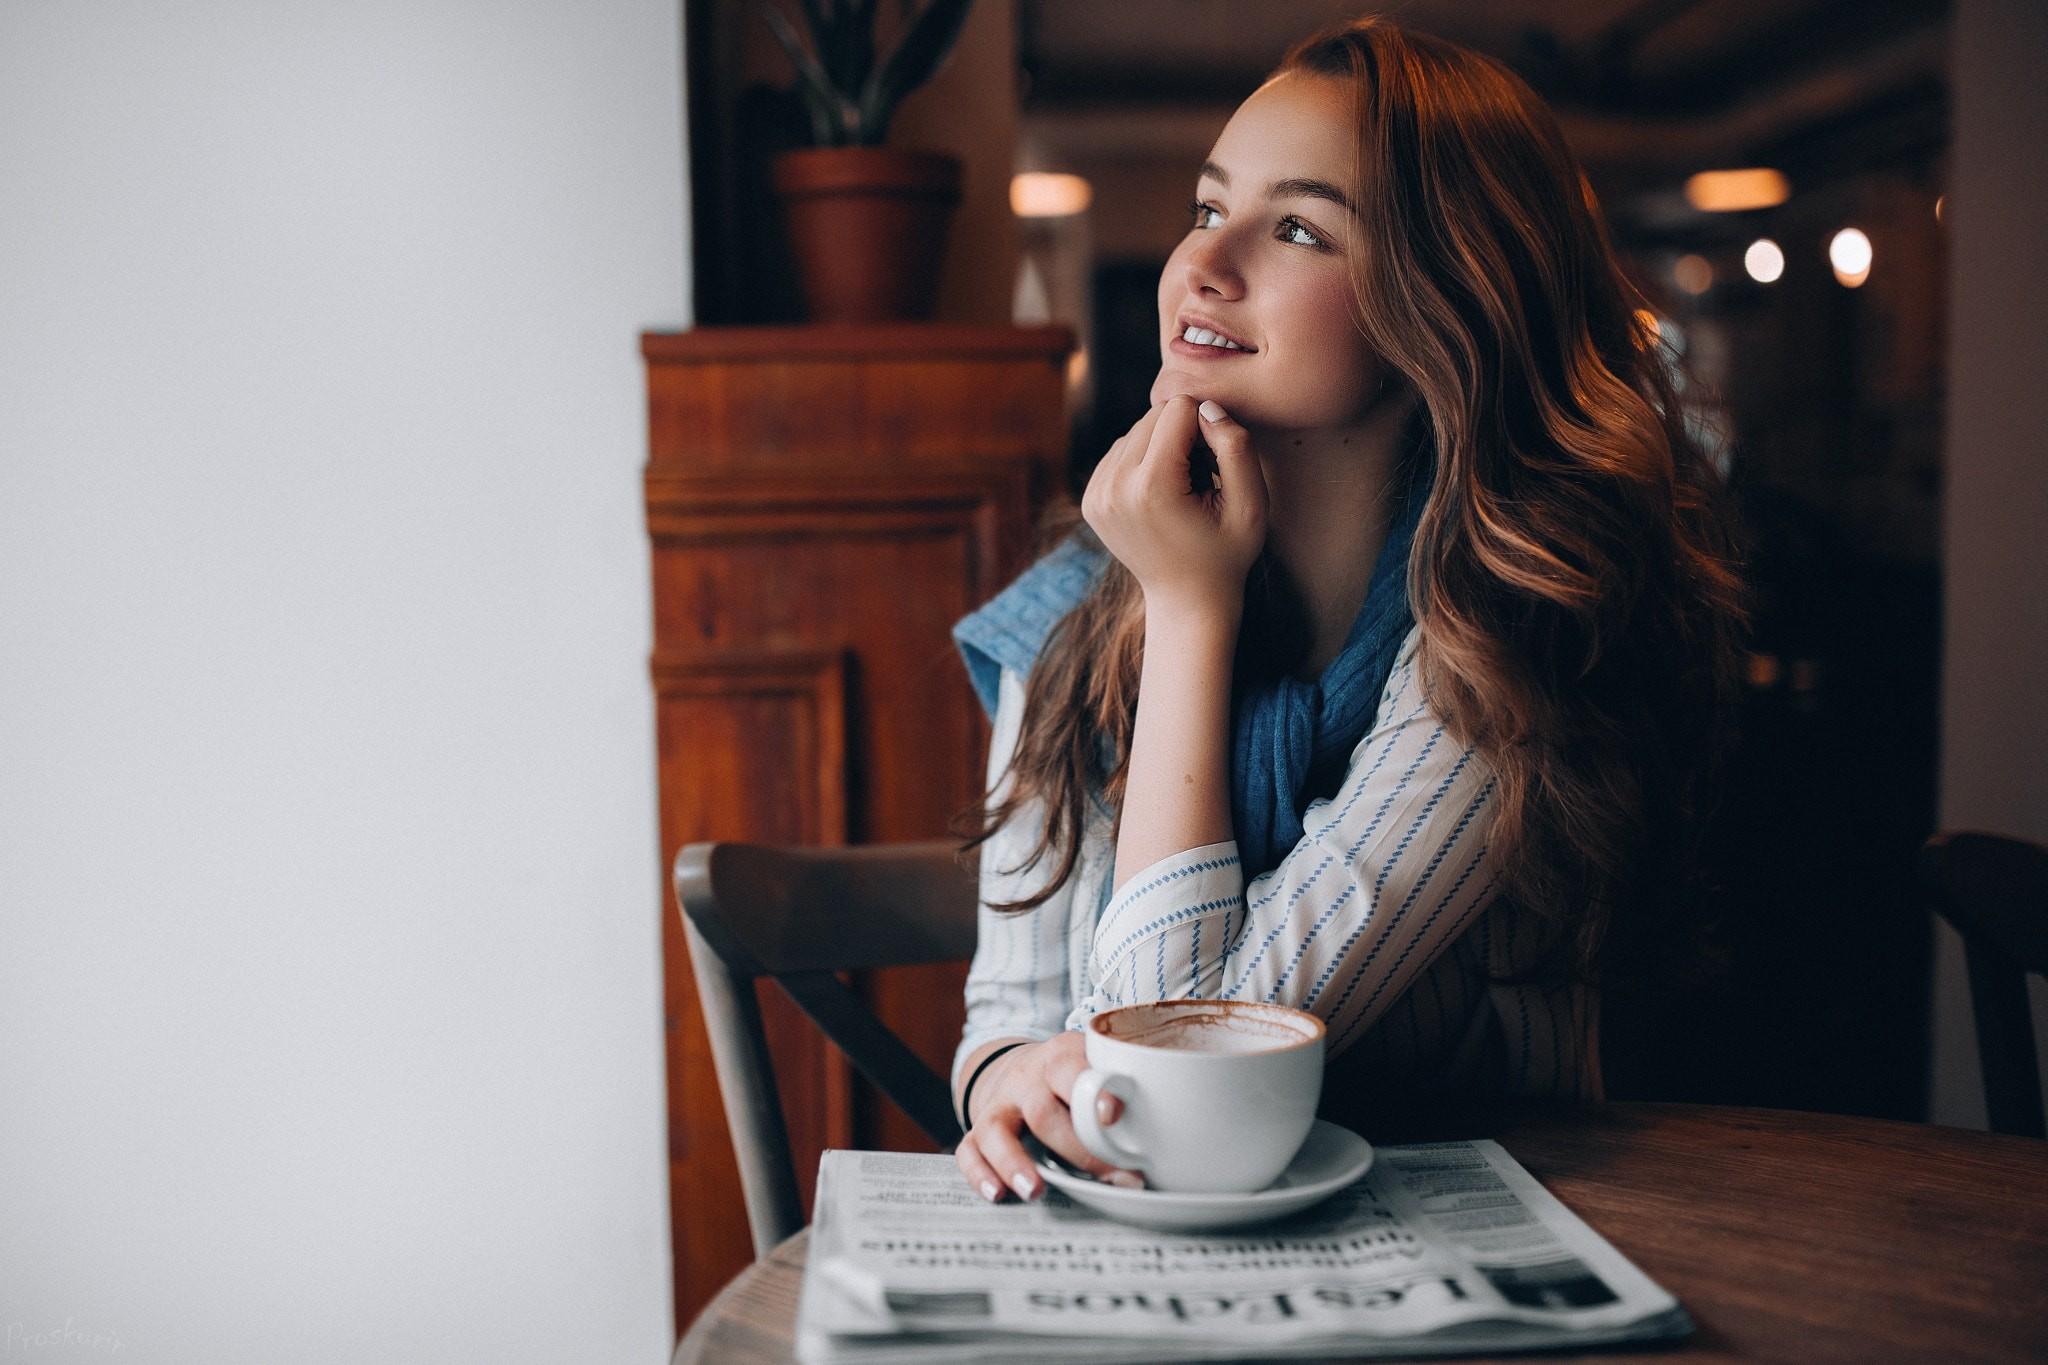 болты могут фото в кафе за столиком без лица словам девушки